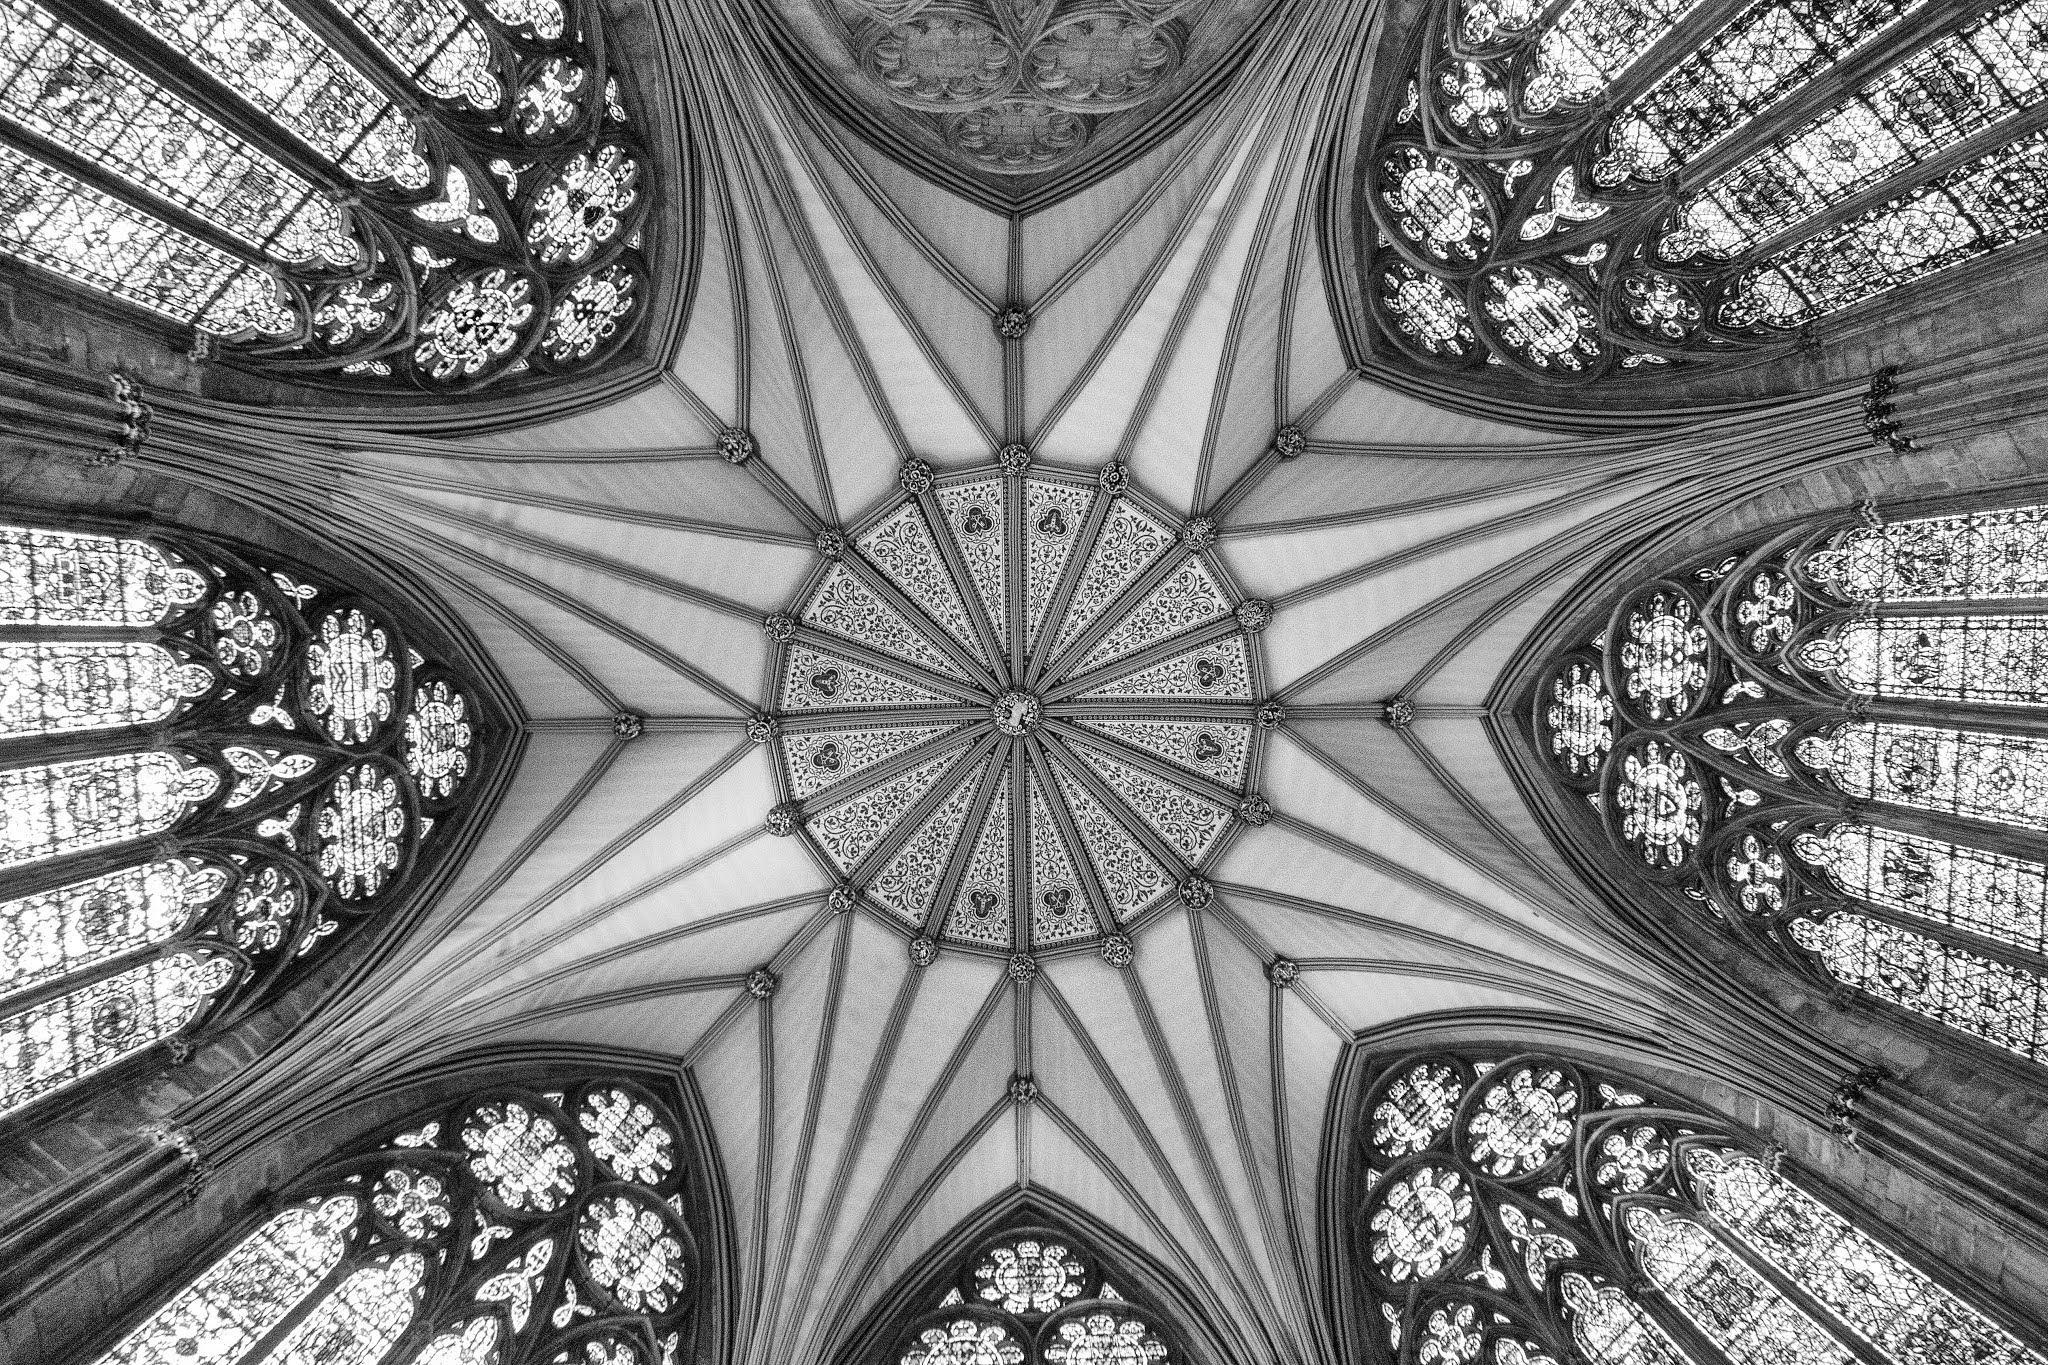 ceiling by fboleto